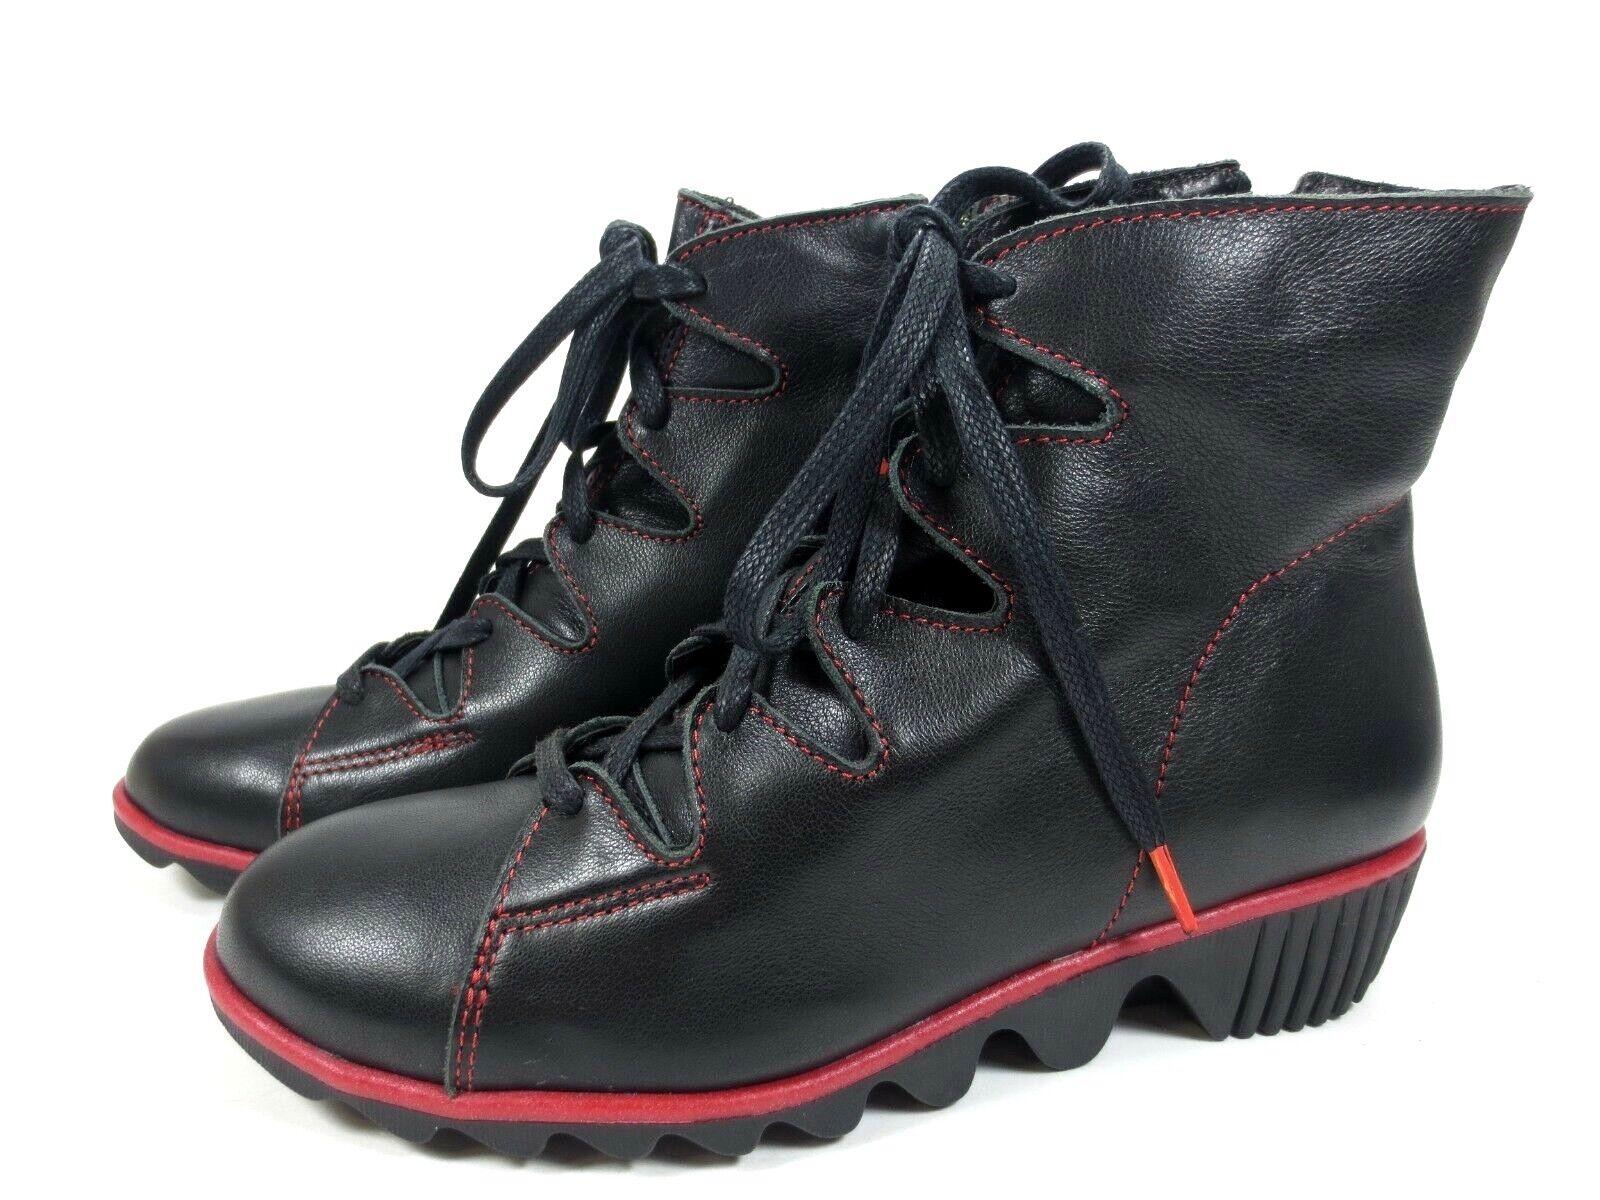 CLAMP Bilboa Leder Schuhe Stiefel Stiefeletten schwarz rot NEU 119,95